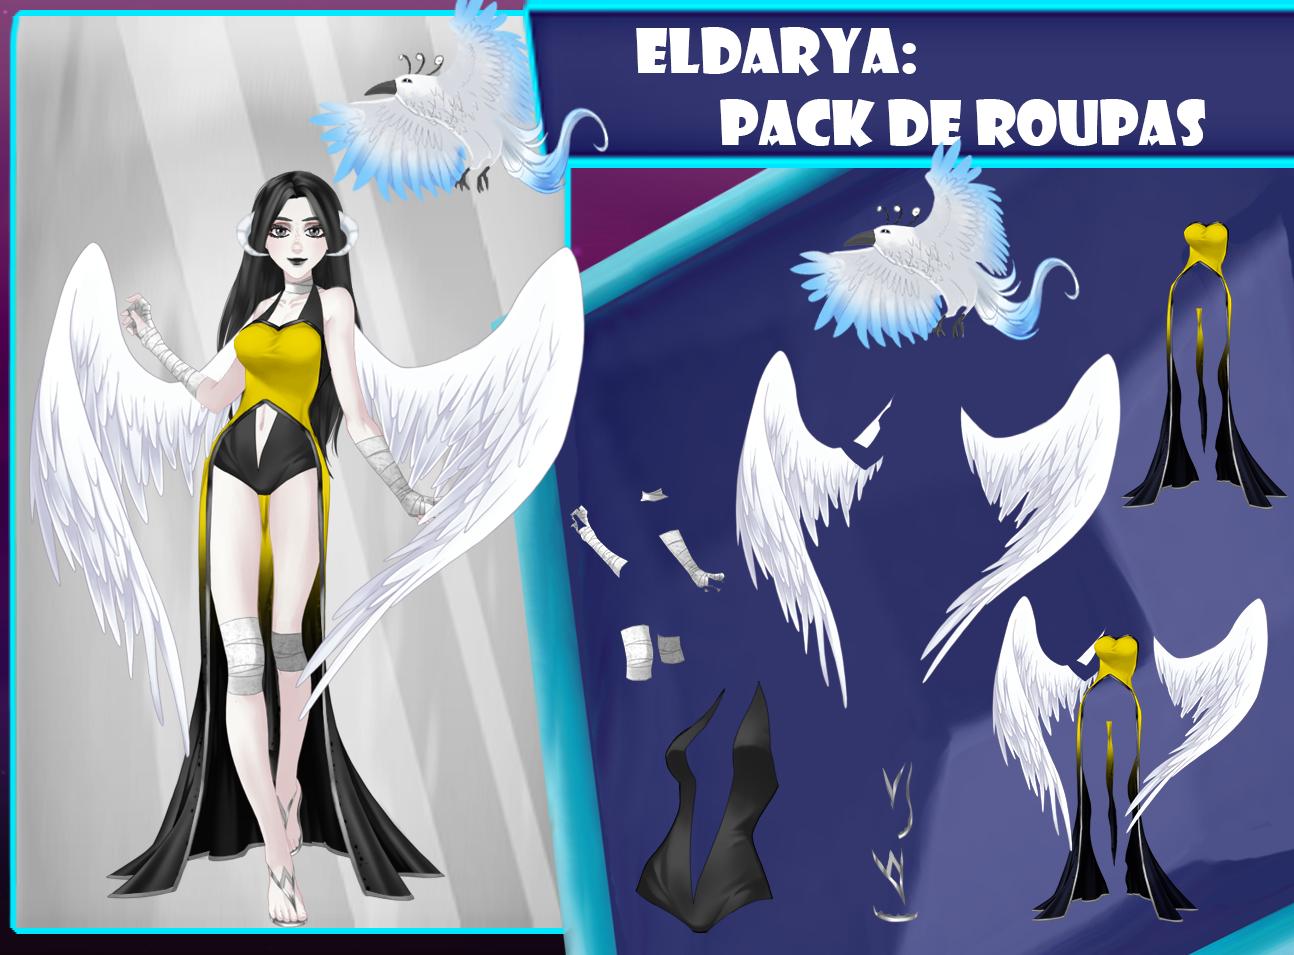 Eldarya----Pack de roupa 22 by Helyra